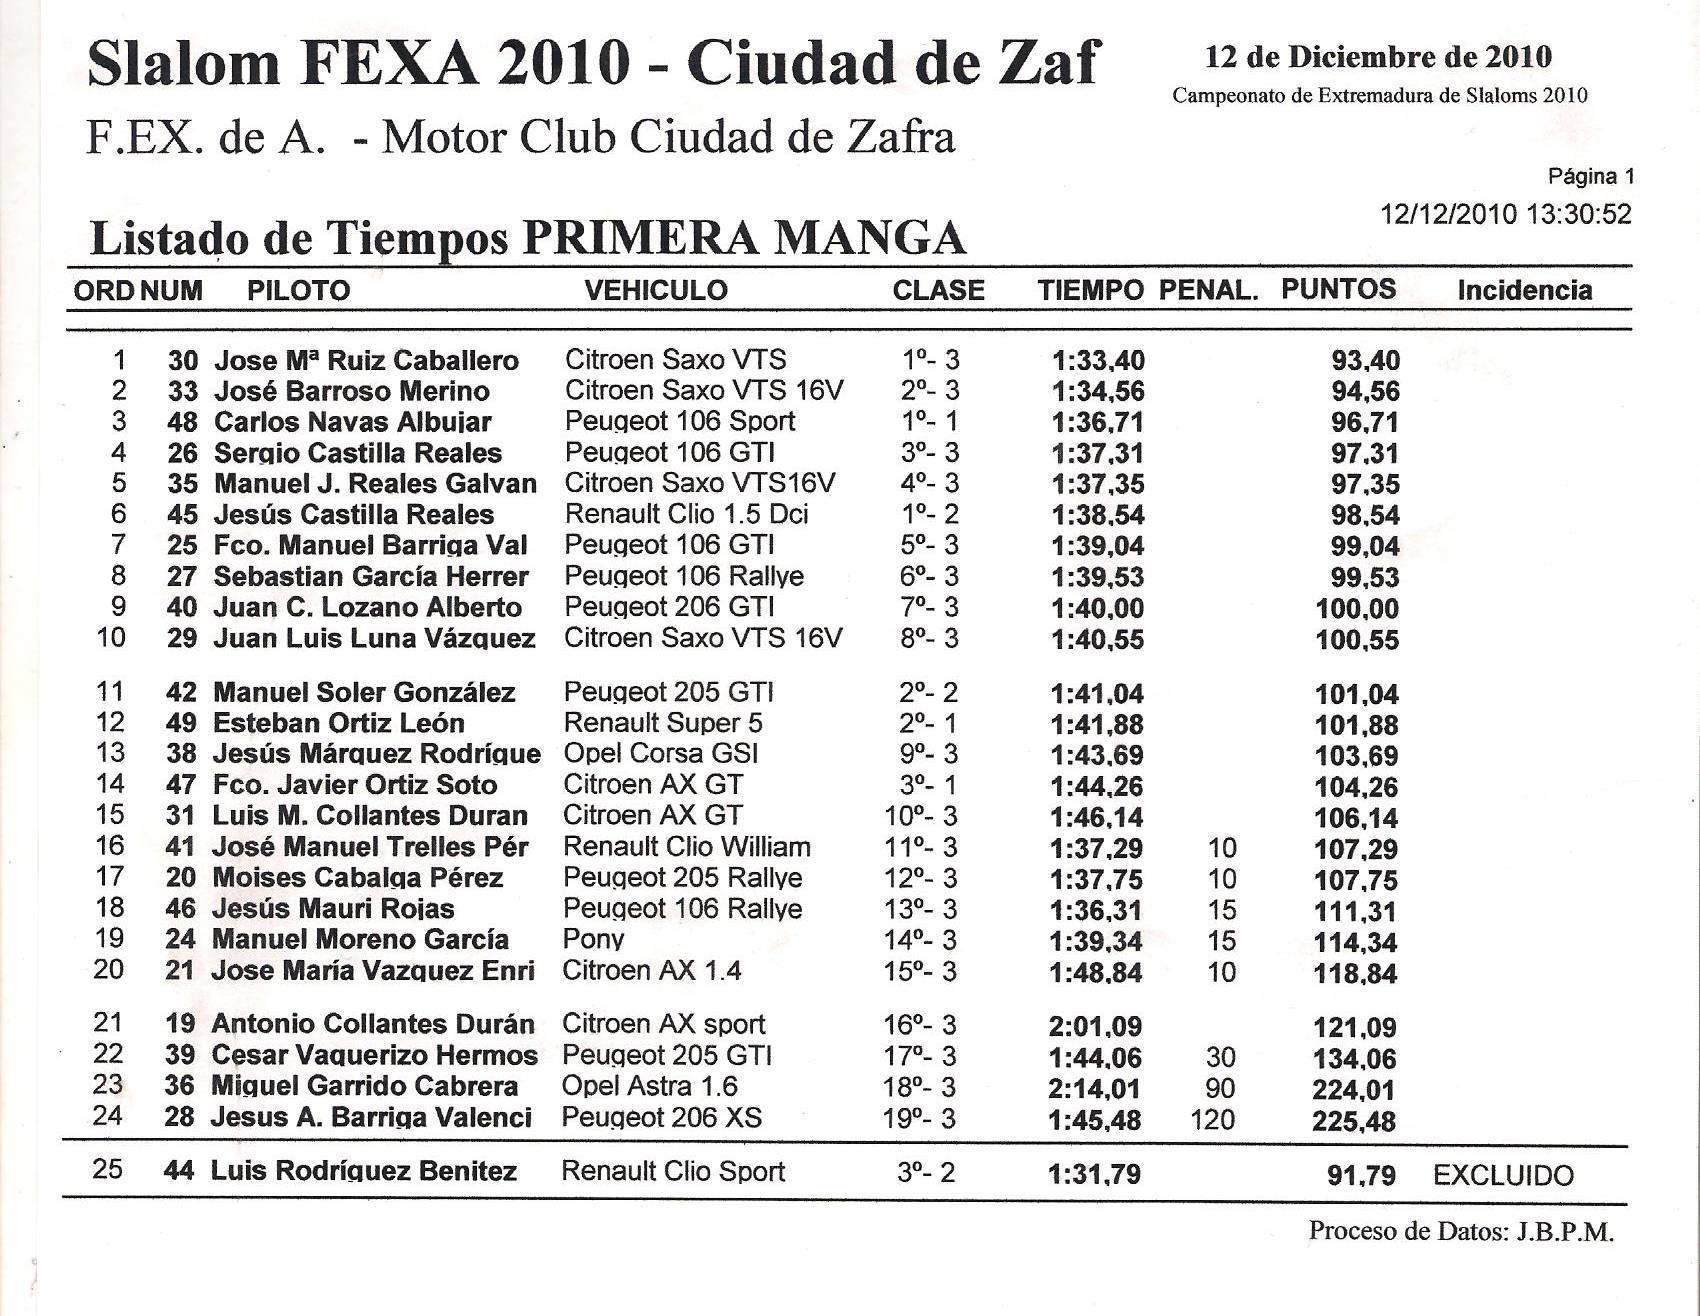 Slalom Fexa 2010 5641542imagen21